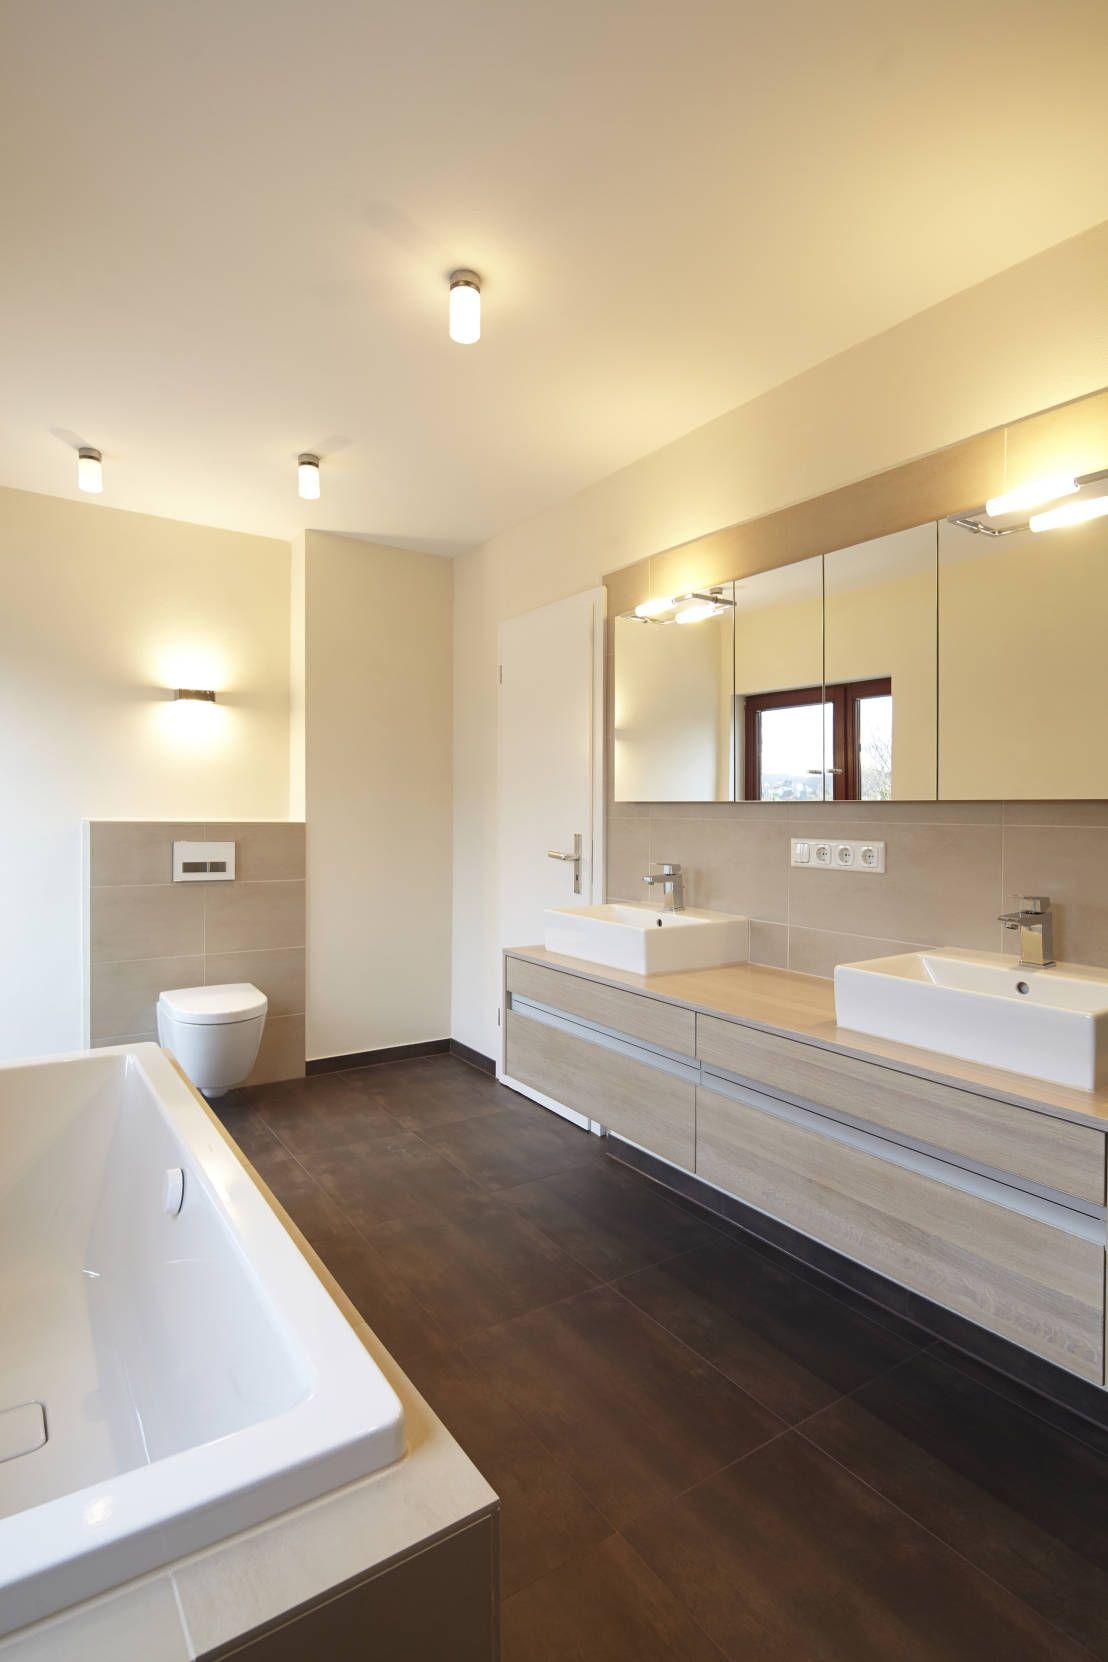 Was Tut Man Wenn Man Als Junge Familie Ein Neues Domizil Beziehen Will Aber Das Vorhandene Traumhafte Badezimmer Bad Inspiration Badezimmer Innenausstattung